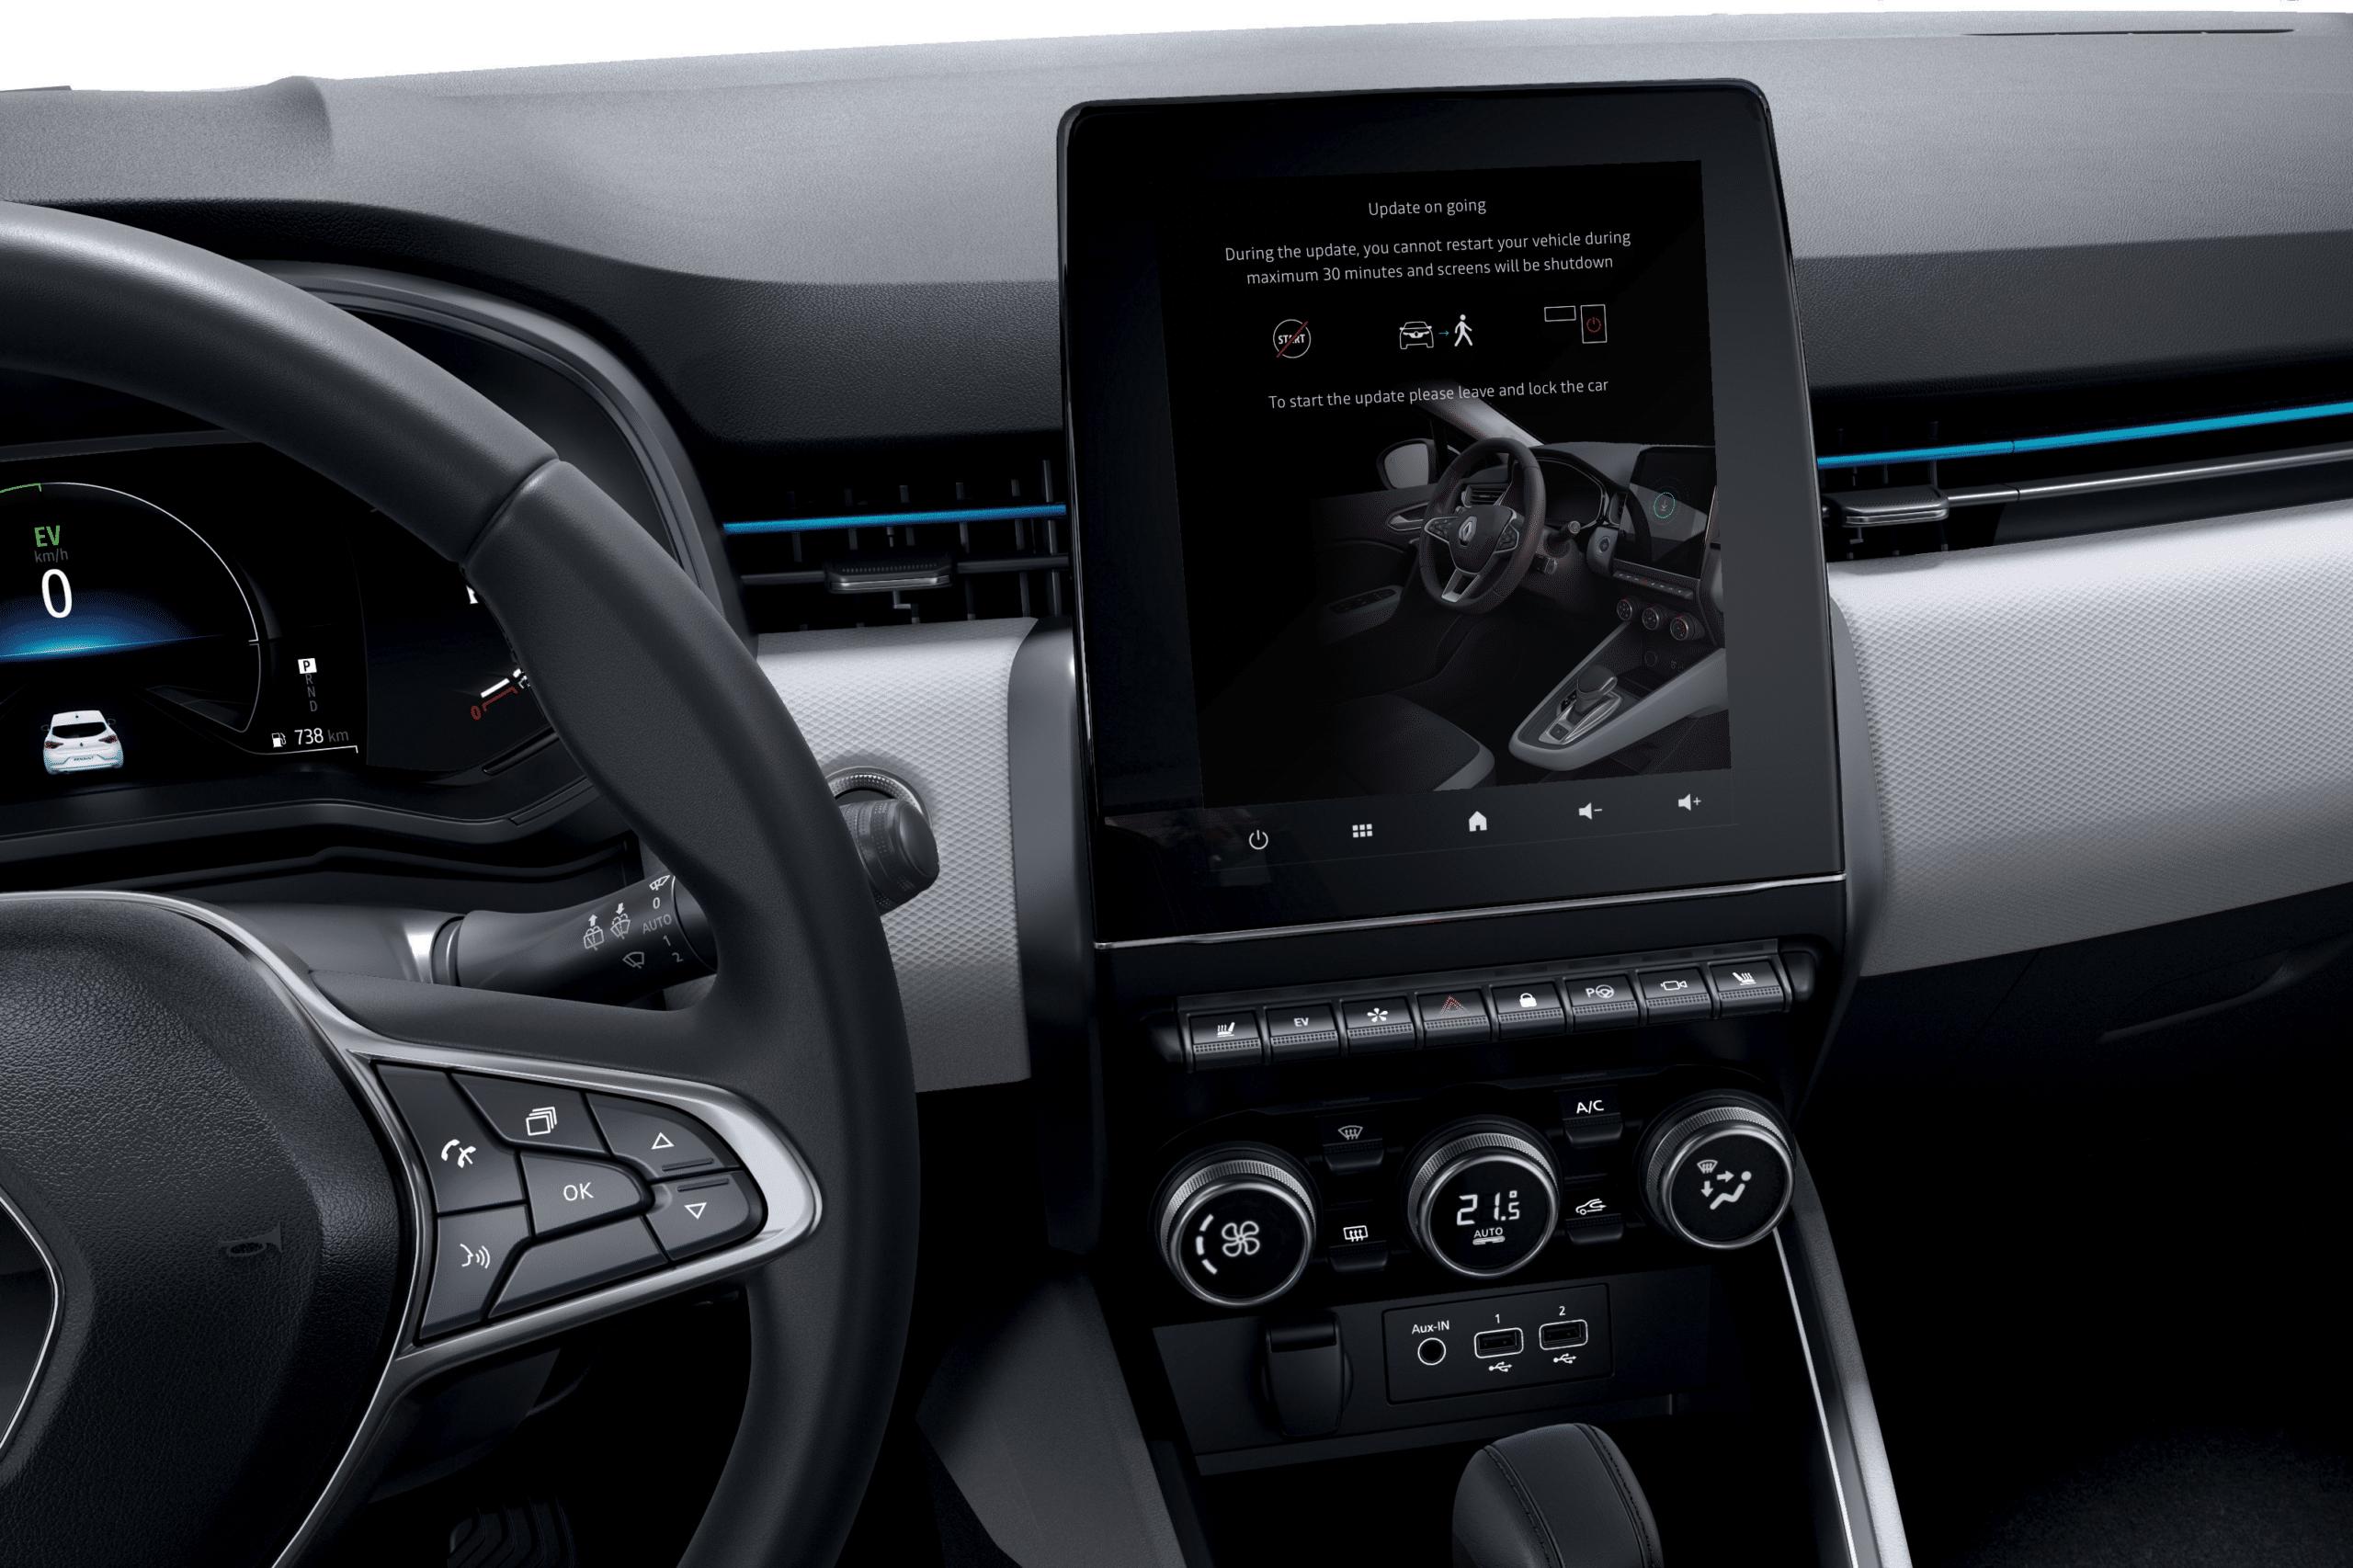 ¿Cómo funcionan las actualizaciones en coches inteligentes? Descubre la tecnología FOTA de Renault